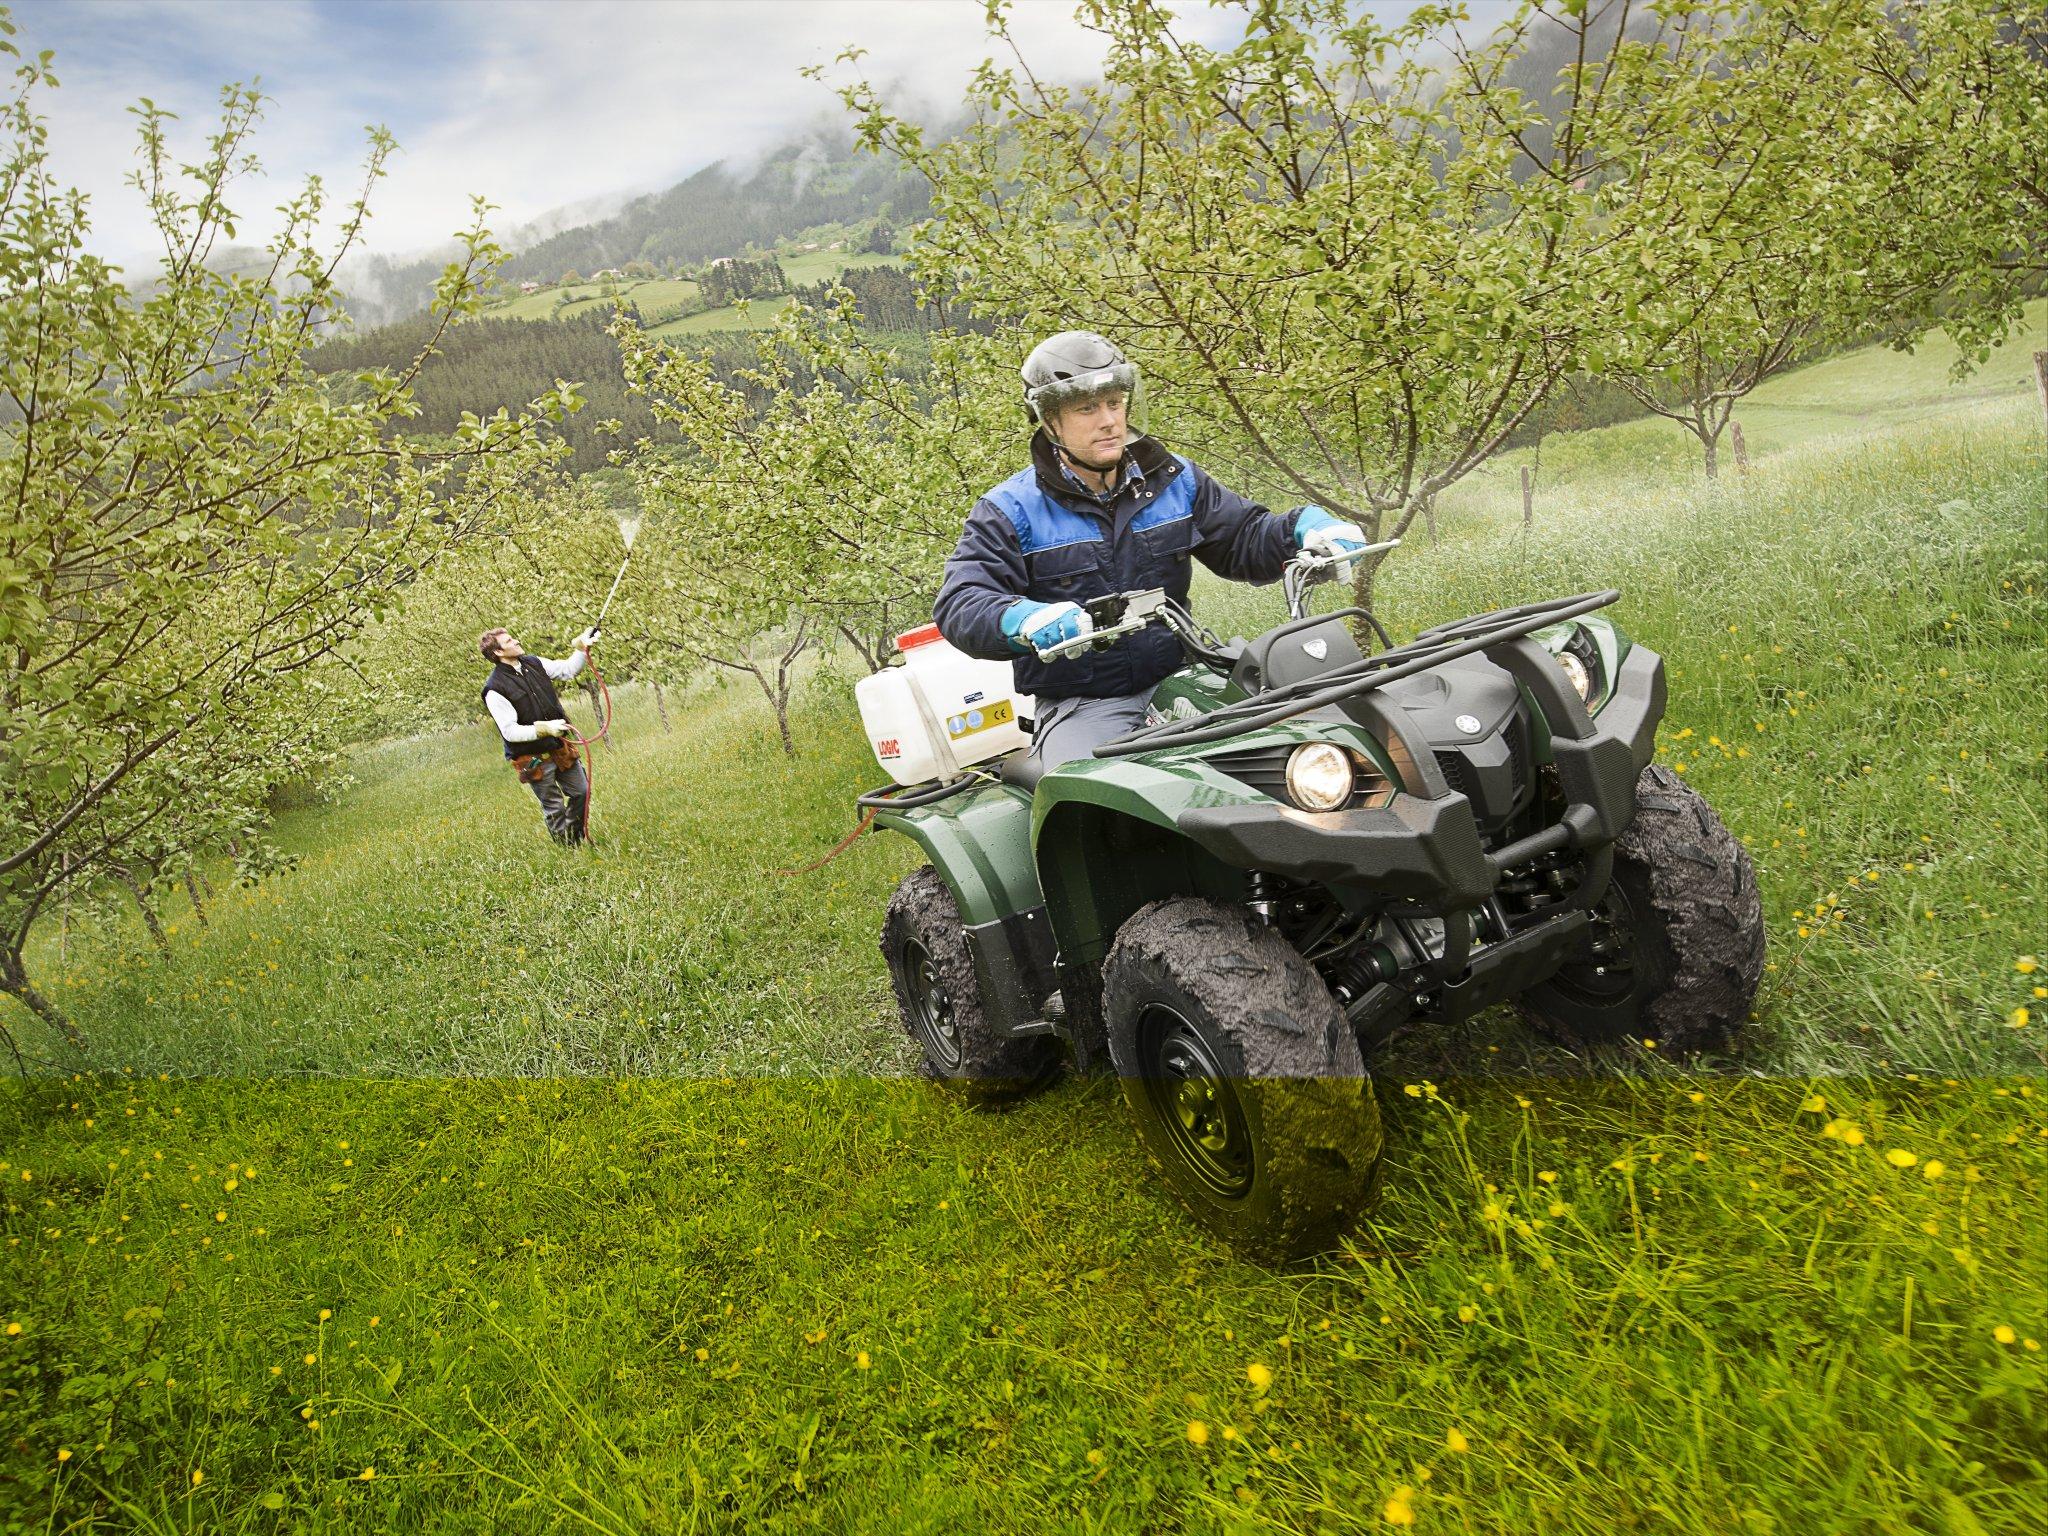 Yamaha grizzly 450 baujahr 2014 bilder und technische daten for 2014 yamaha grizzly 450 value